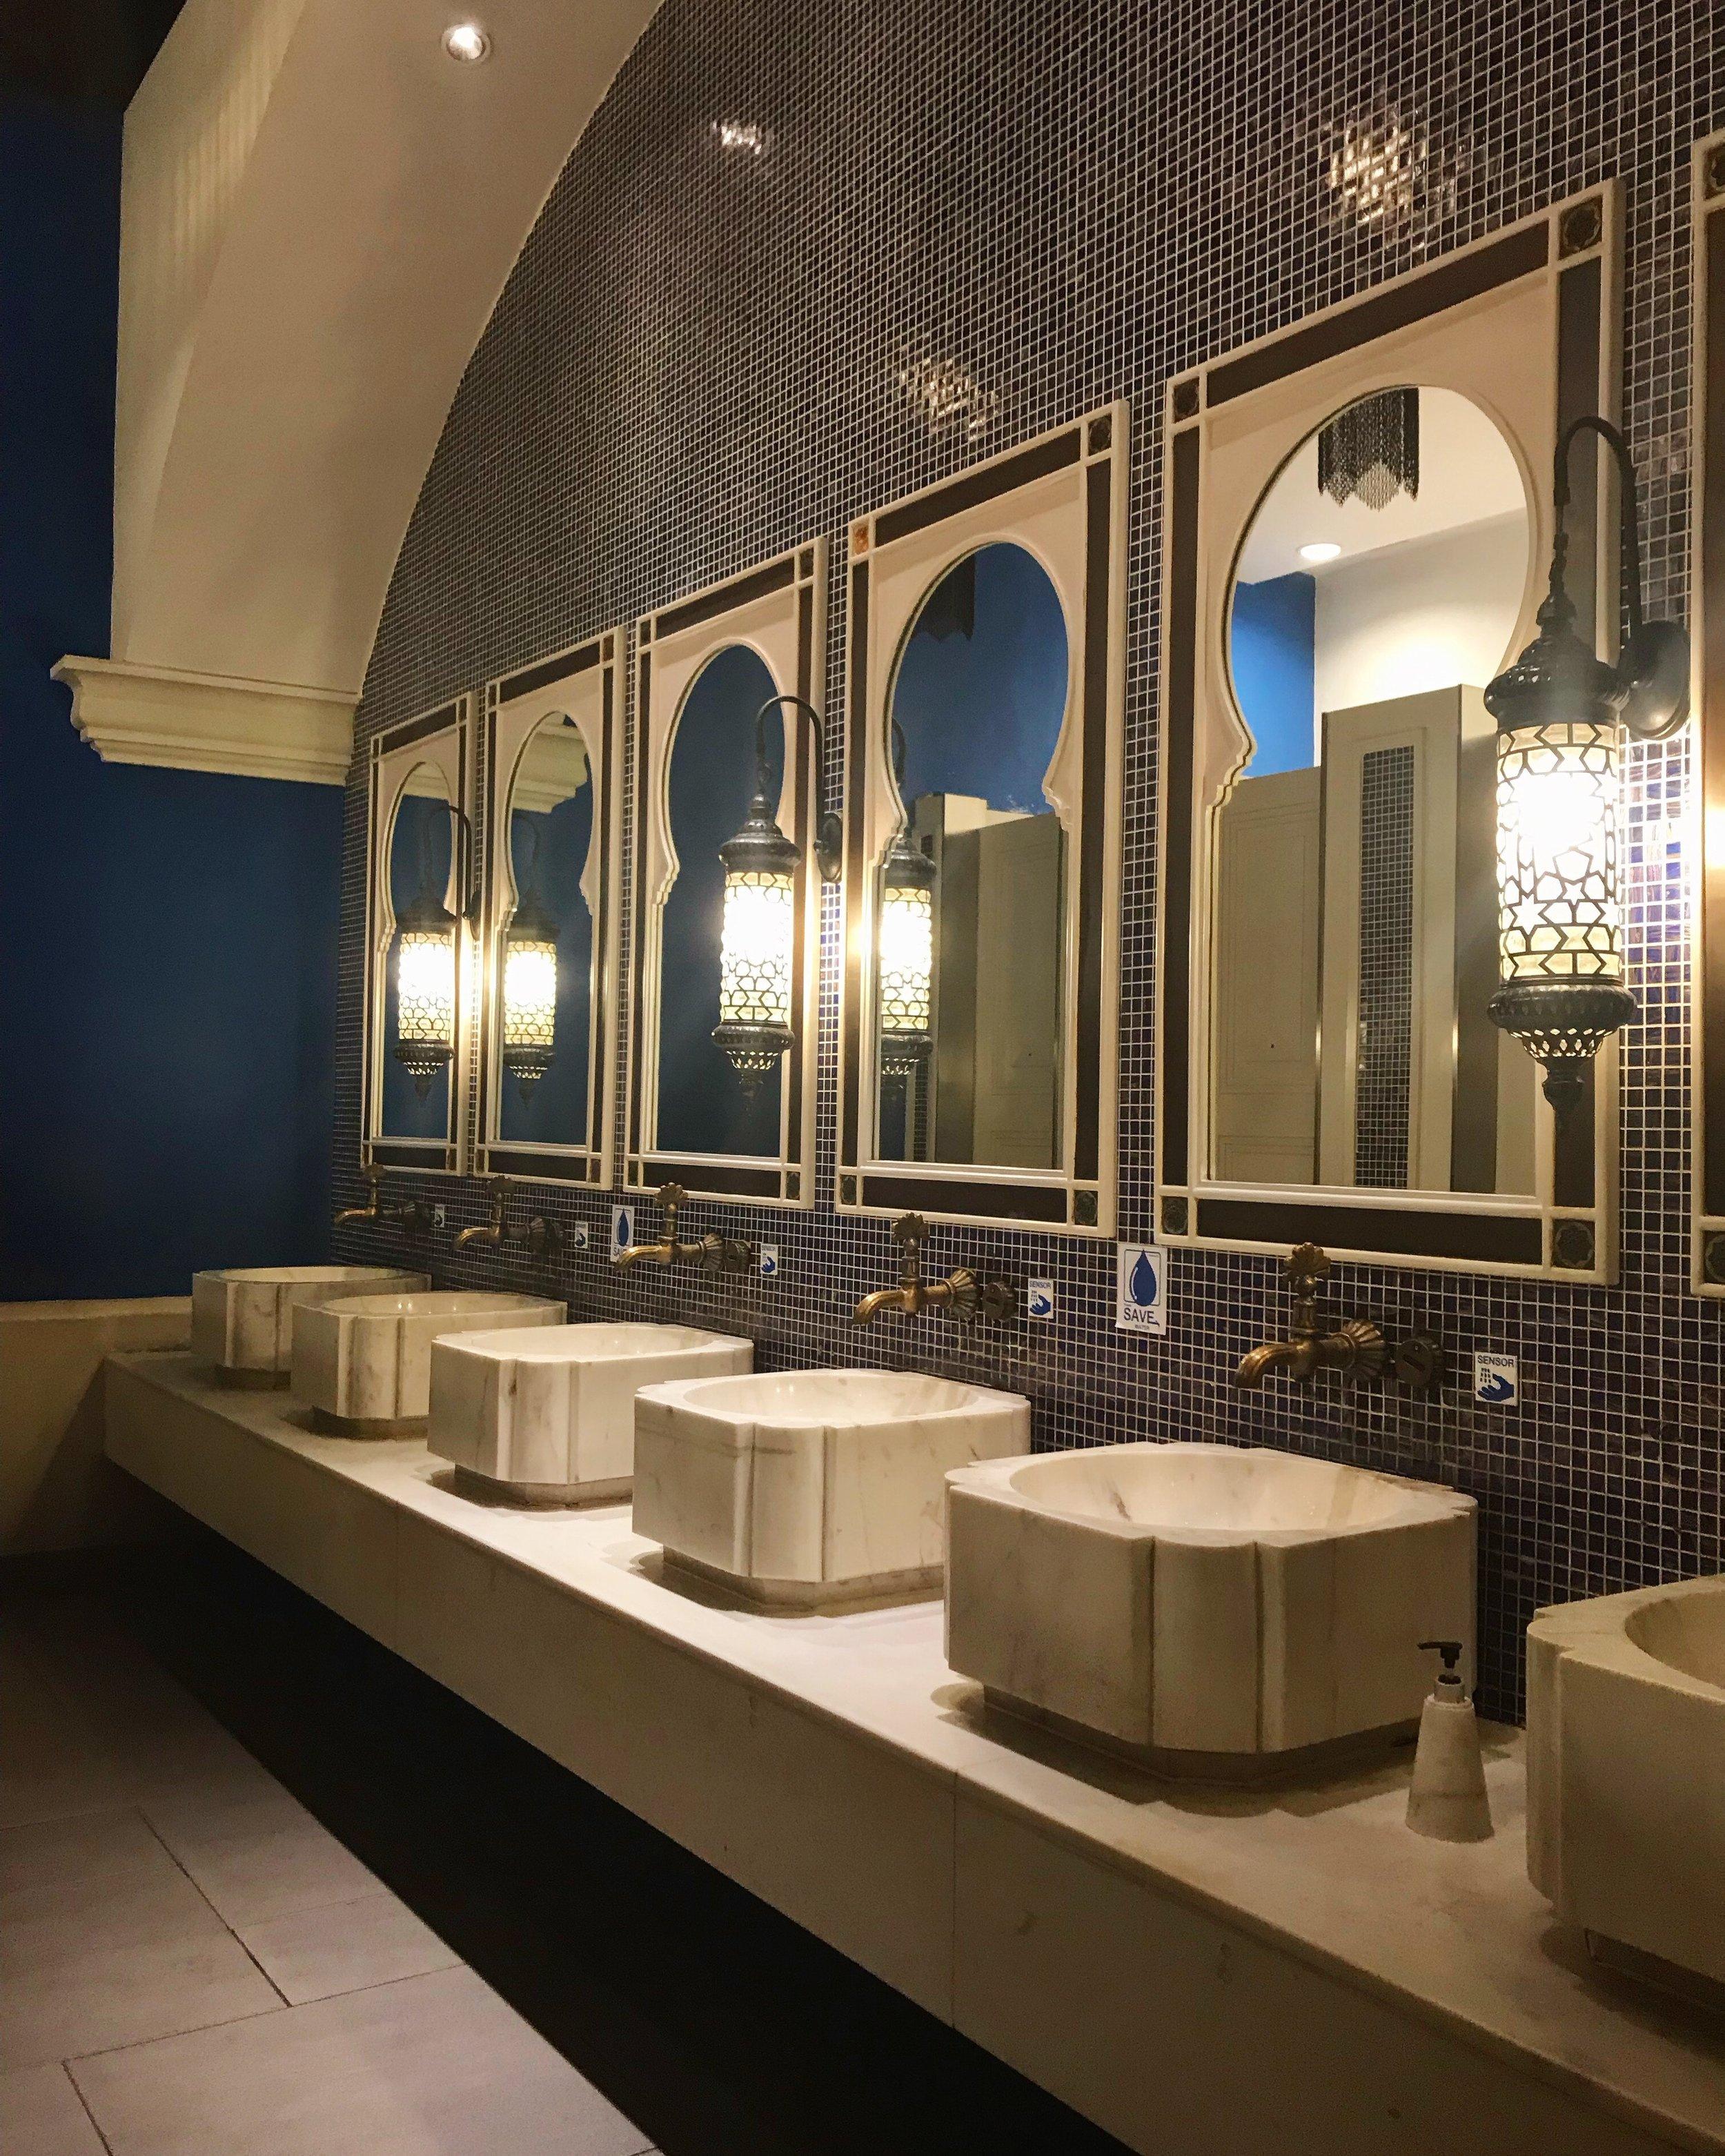 bathroom-clean-contemporary-2554517.jpg